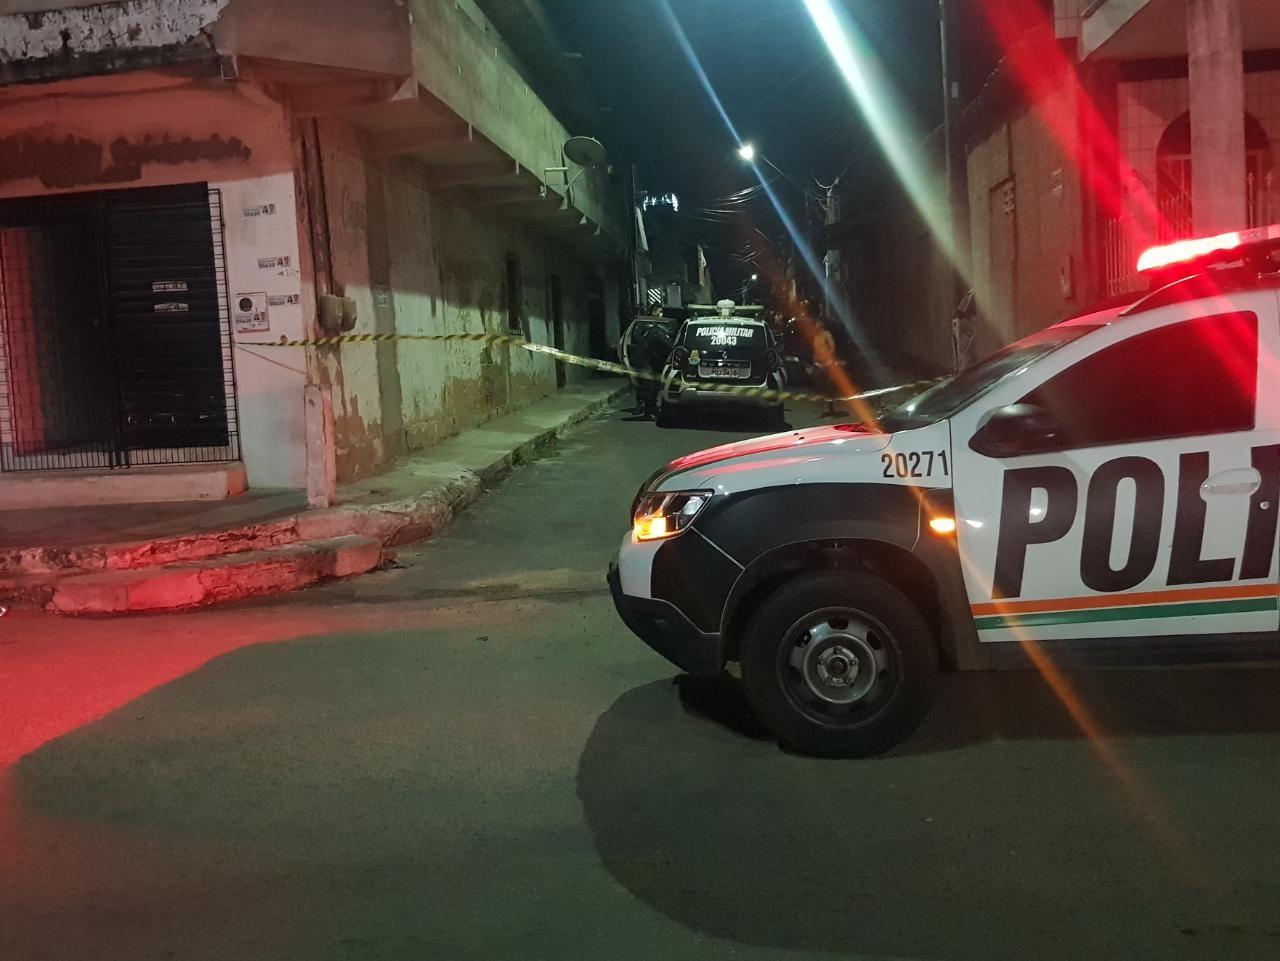 Suspeitos em motocicleta perseguem e matam homem a tiros em rua de Fortaleza